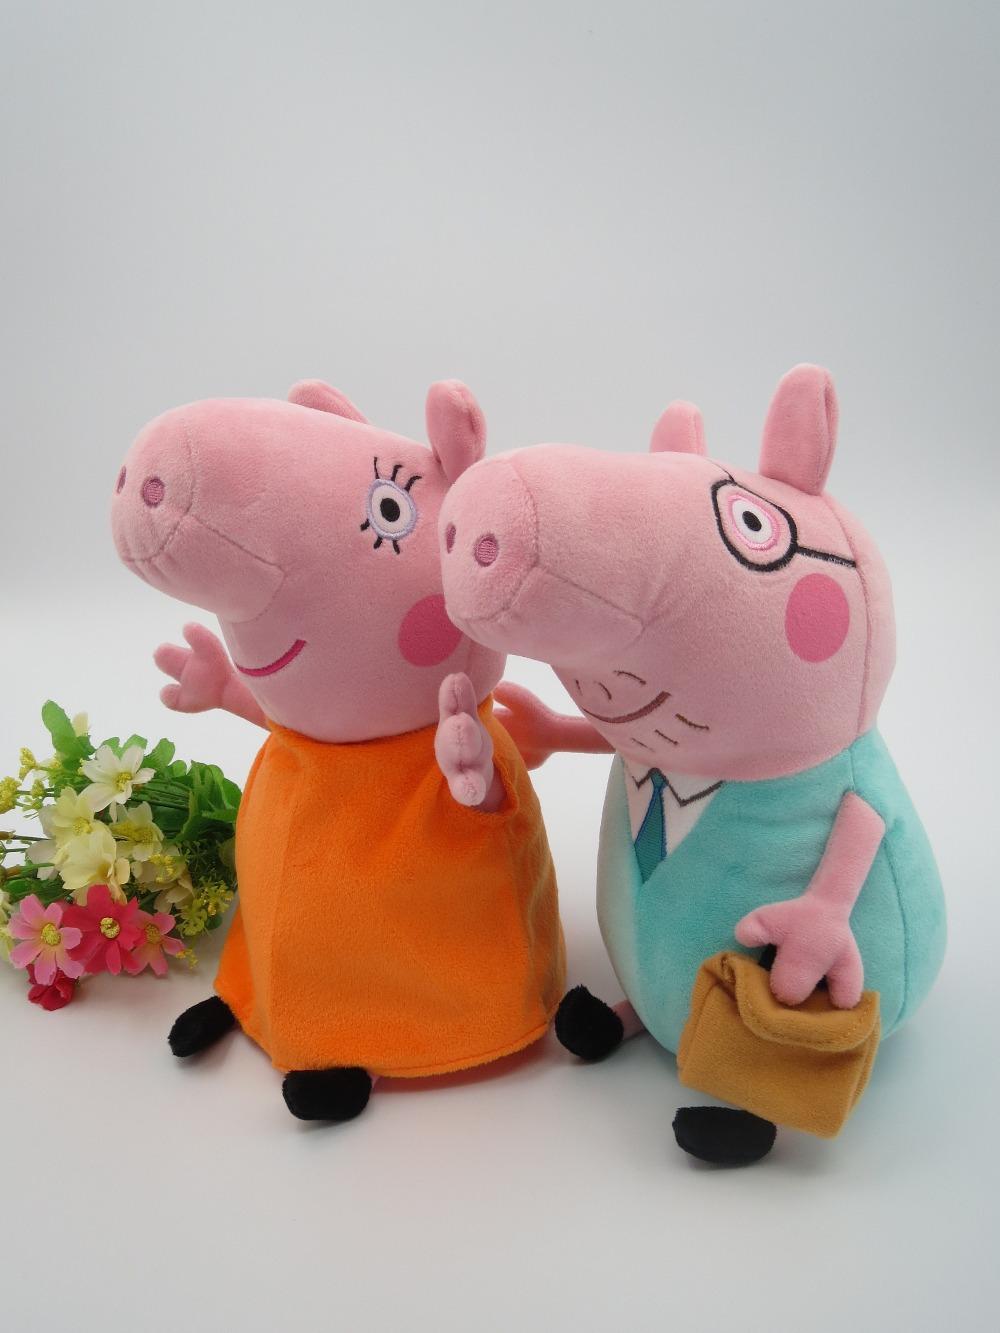 Frete grátis 2pcs Varejo / set 12 polegadas 30CM Peppa porco de pelúcia Pepa Pig Brinquedos Mamãe & Papai Tamanho Grande Drop Shipping(China (Mainland))